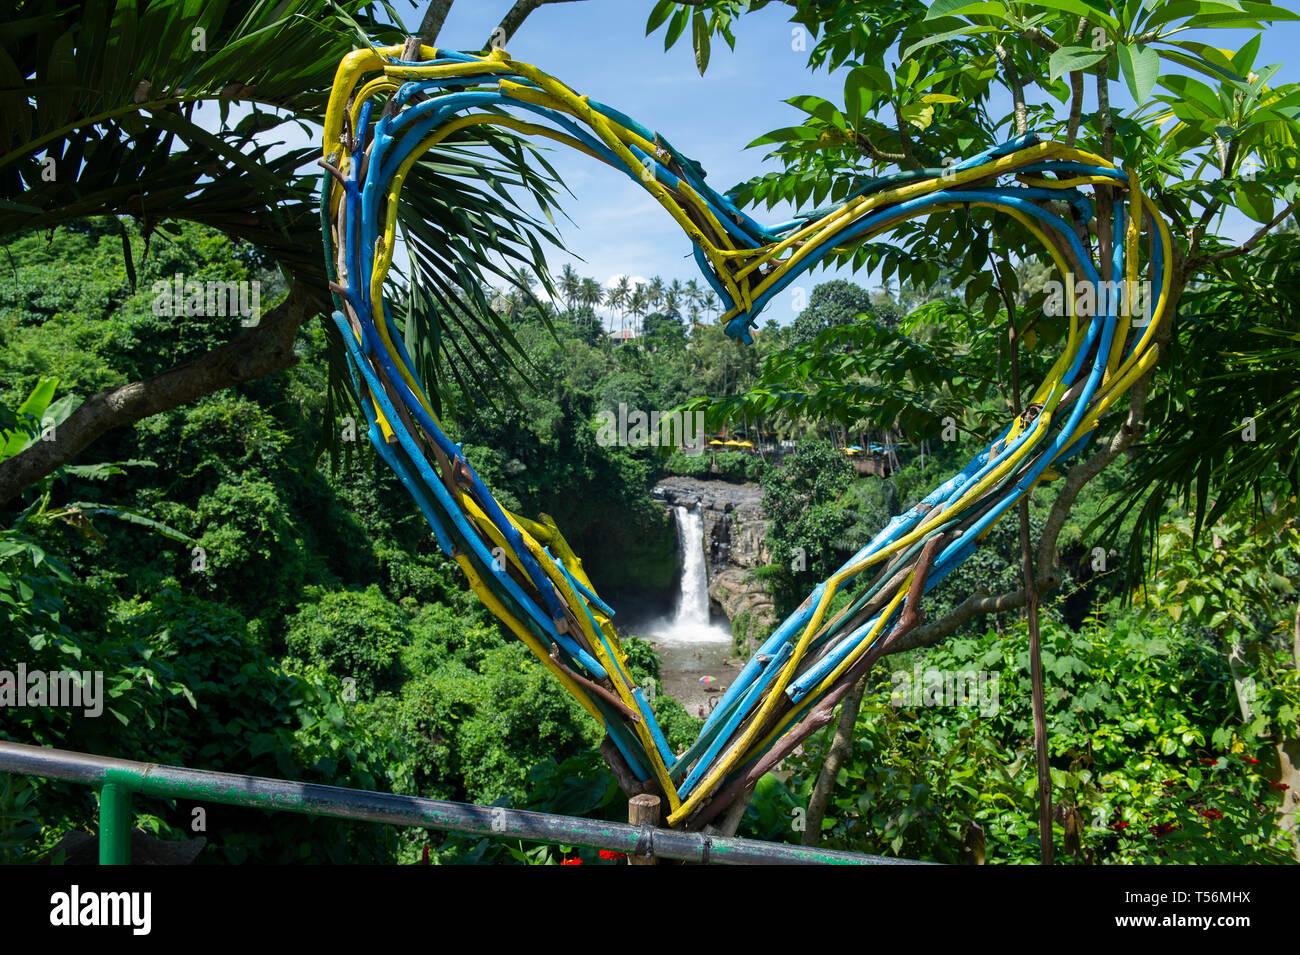 Tegenungan Waterfall near Ubud in Bali, Indonesia - Stock Image